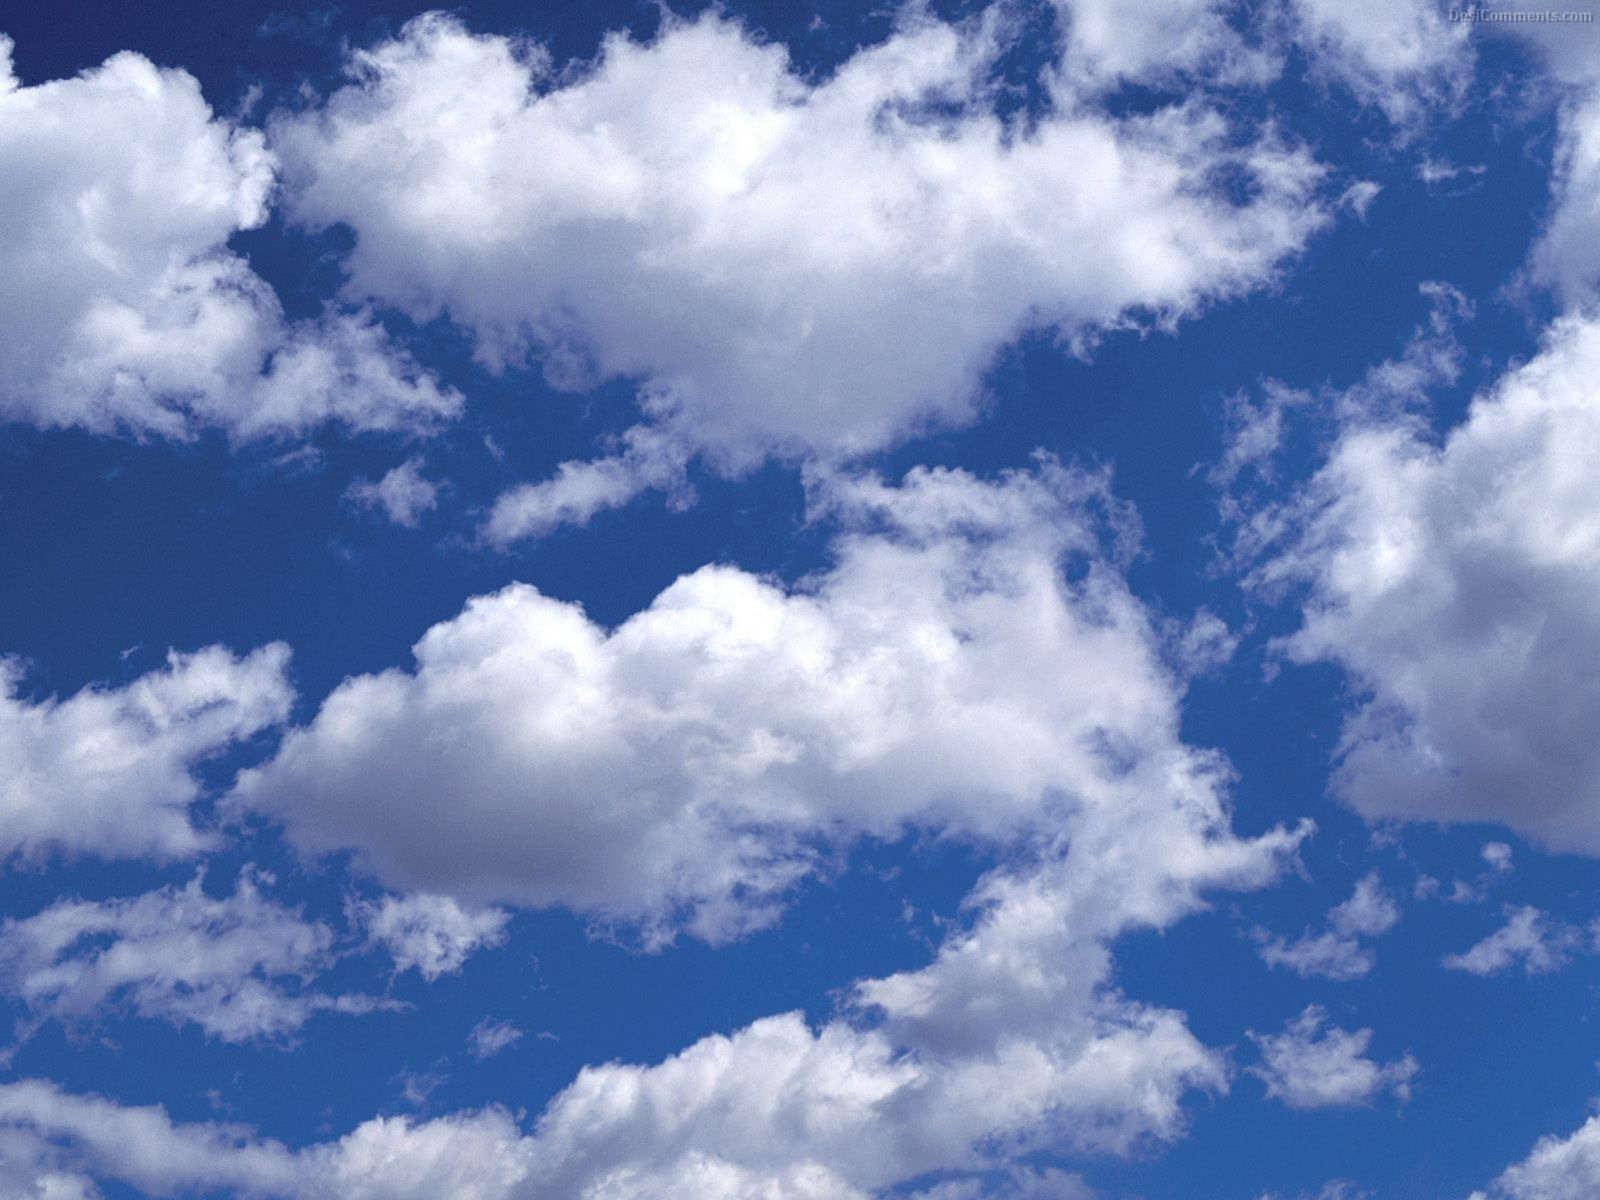 Cloud Wallpaper 14 1600x1200